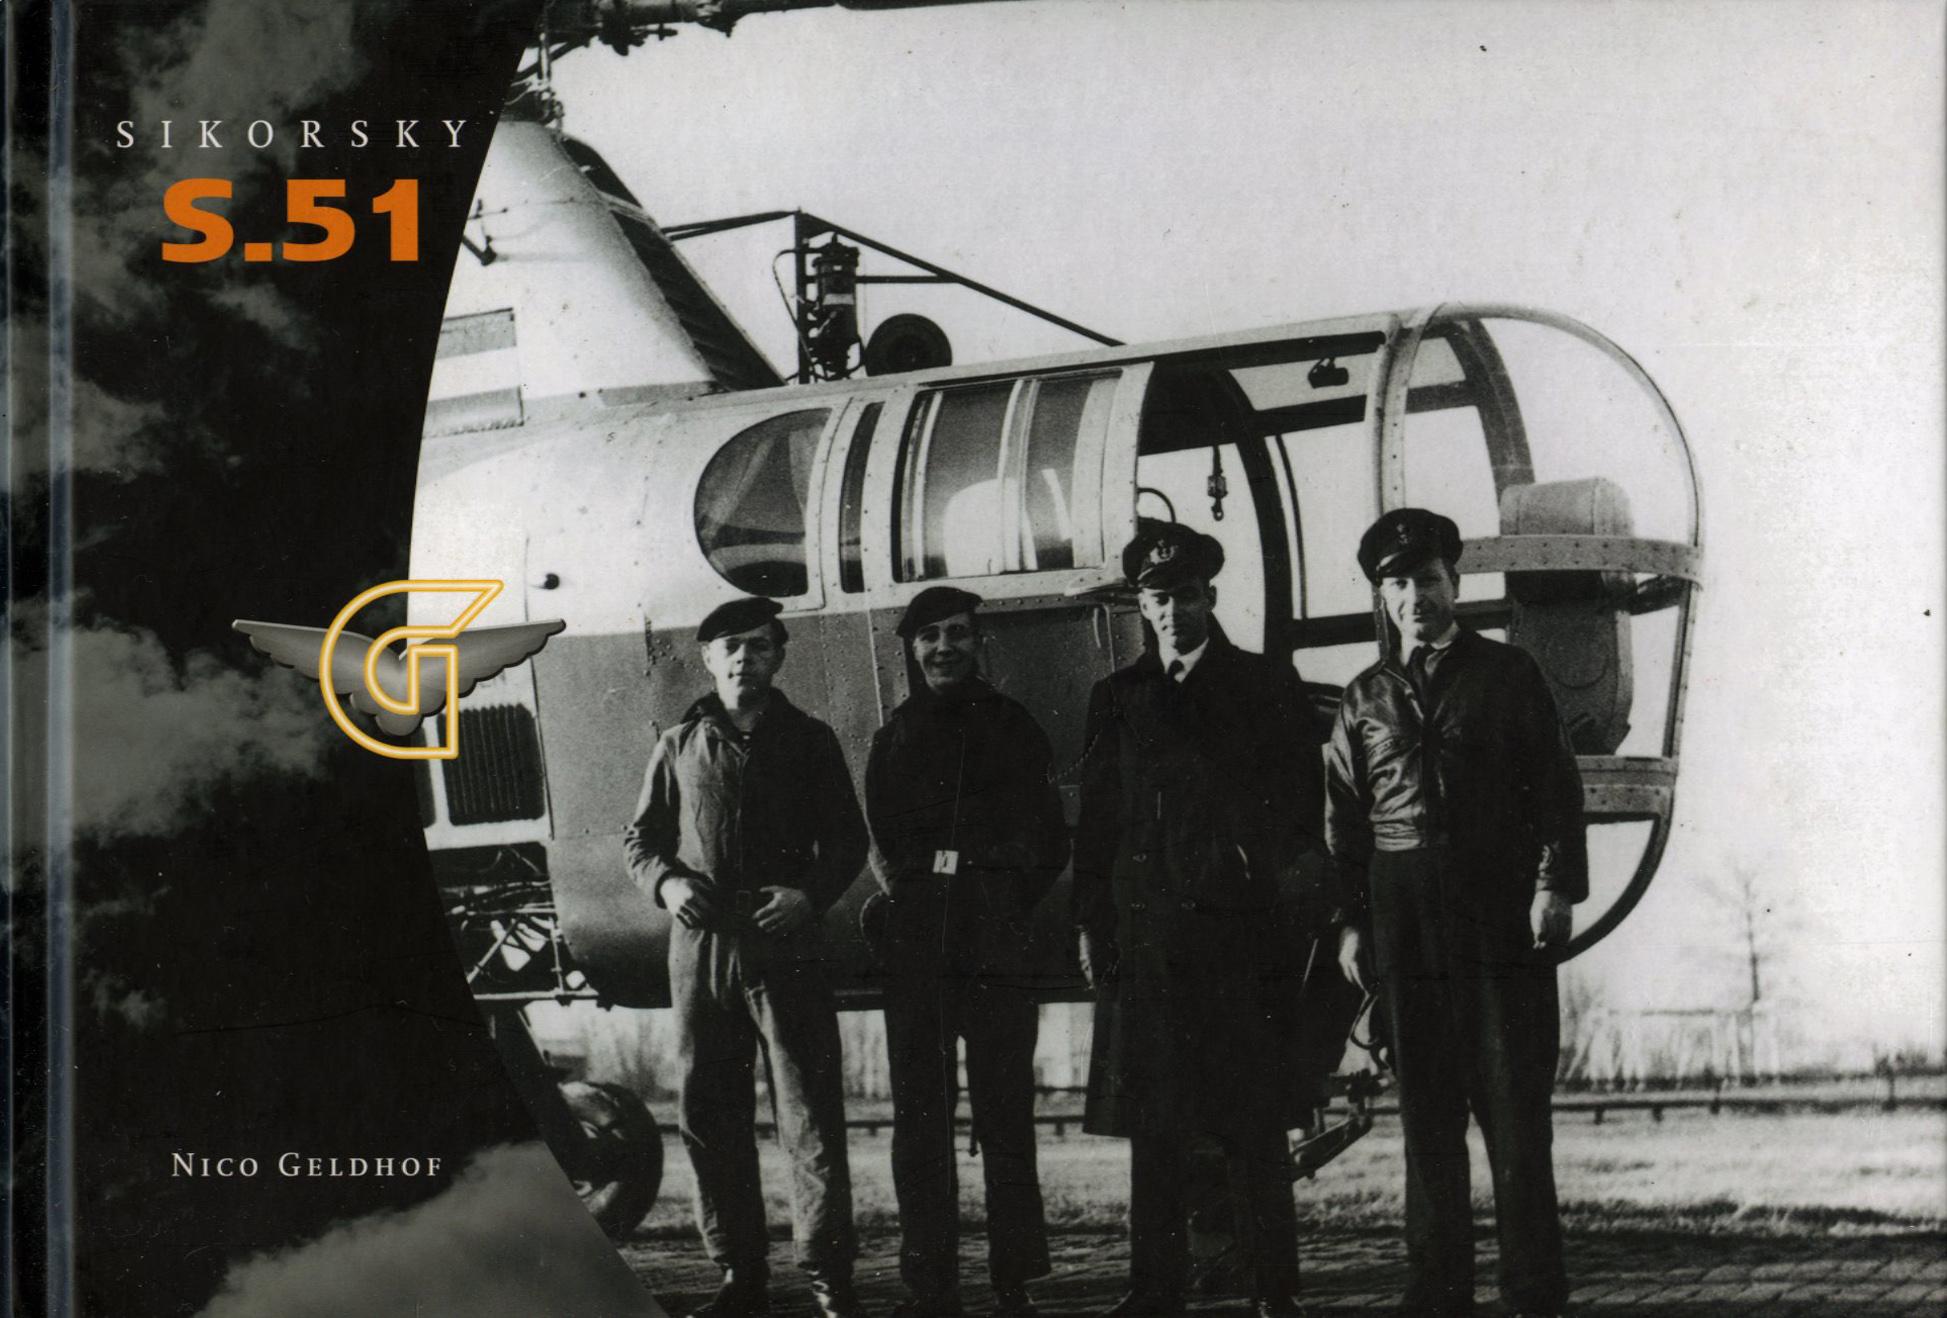 Sikorsky S.51 - Nico Geldhof